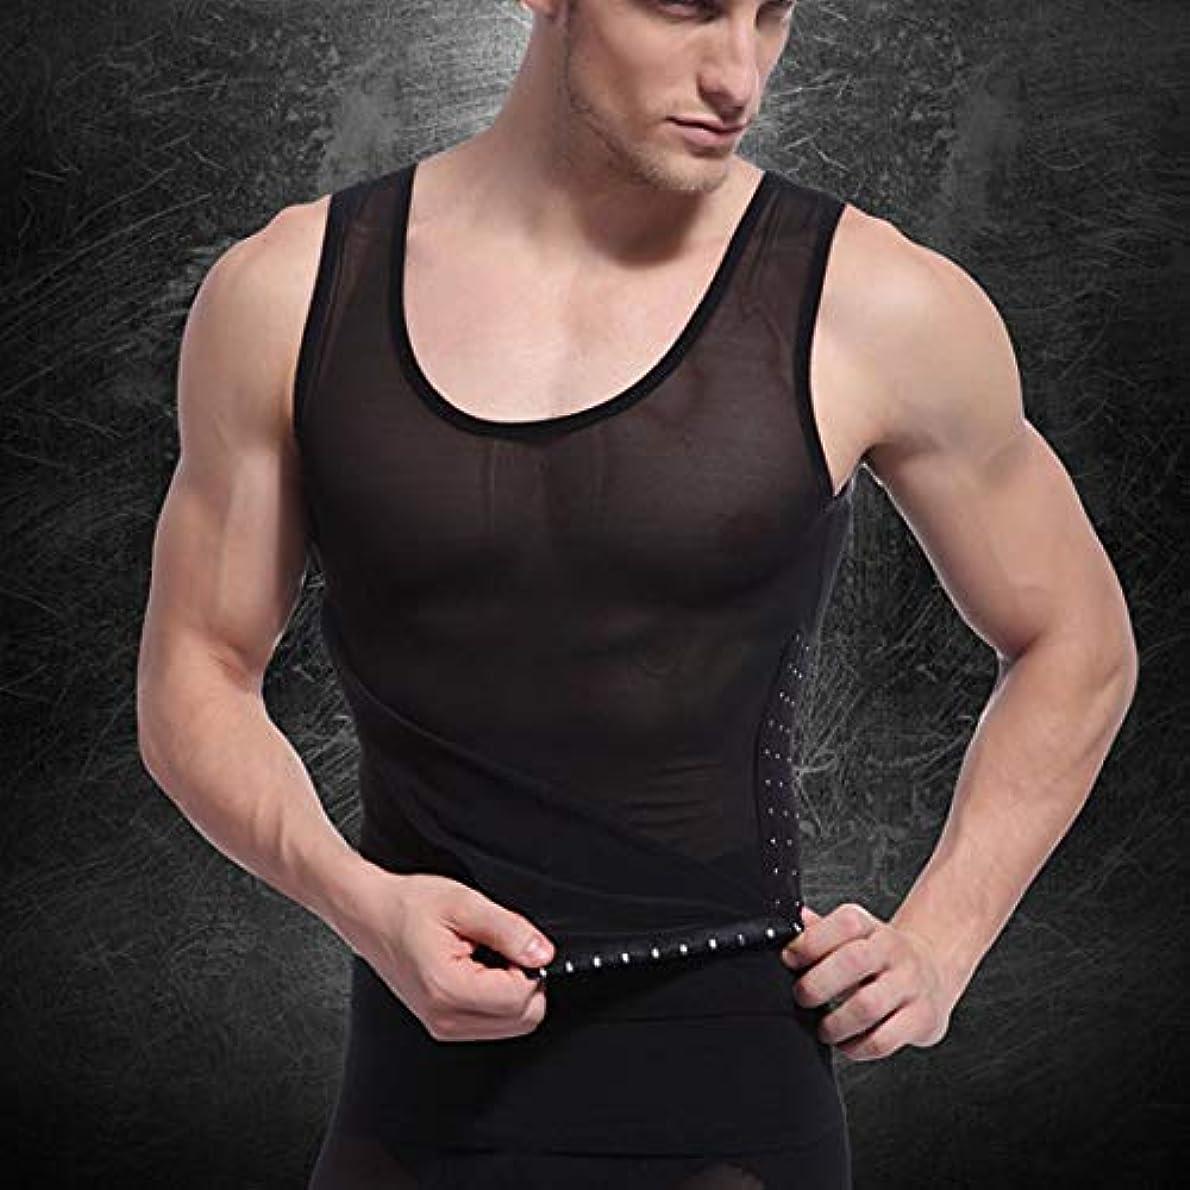 批評引き渡す自分のためにボディシェイプノースリーブベストボディシェイパーチューニングベリーウエストトレーナーコルセットトップス快適な下着服シェイプウェア (Panda) (色:青銅)